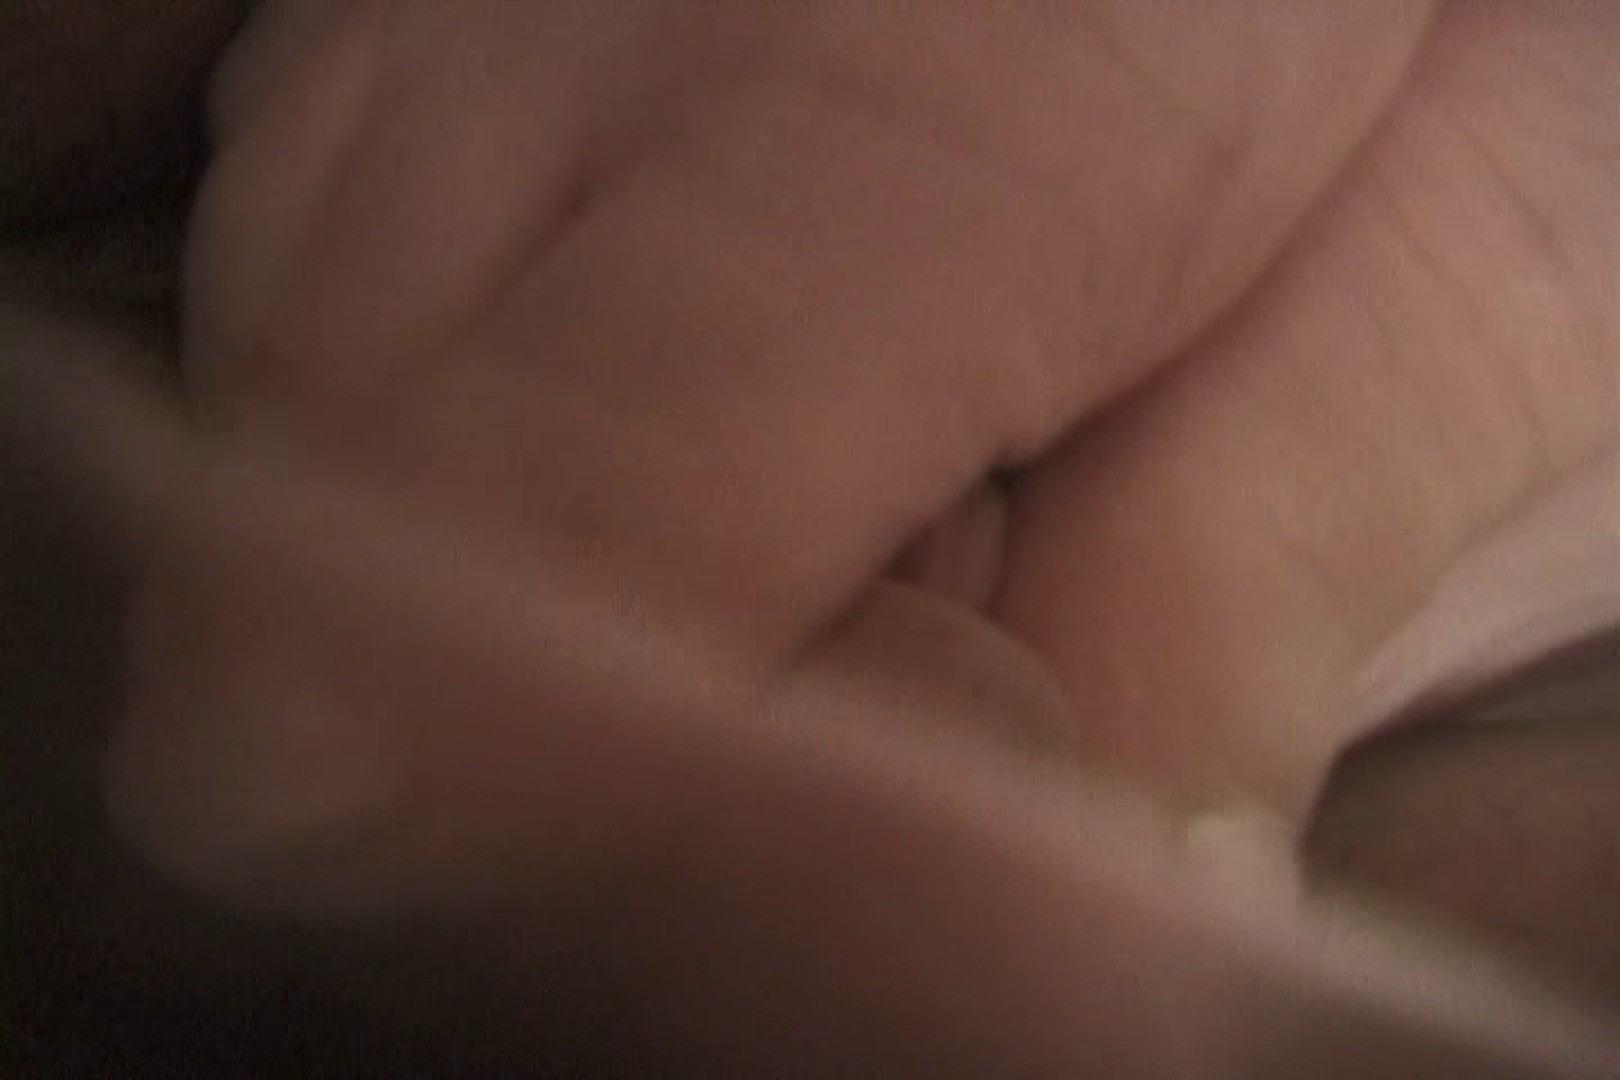 淫乱人妻に癒しを求める若い彼~川口早苗~ ギャル達の手マン | 人妻  62画像 11